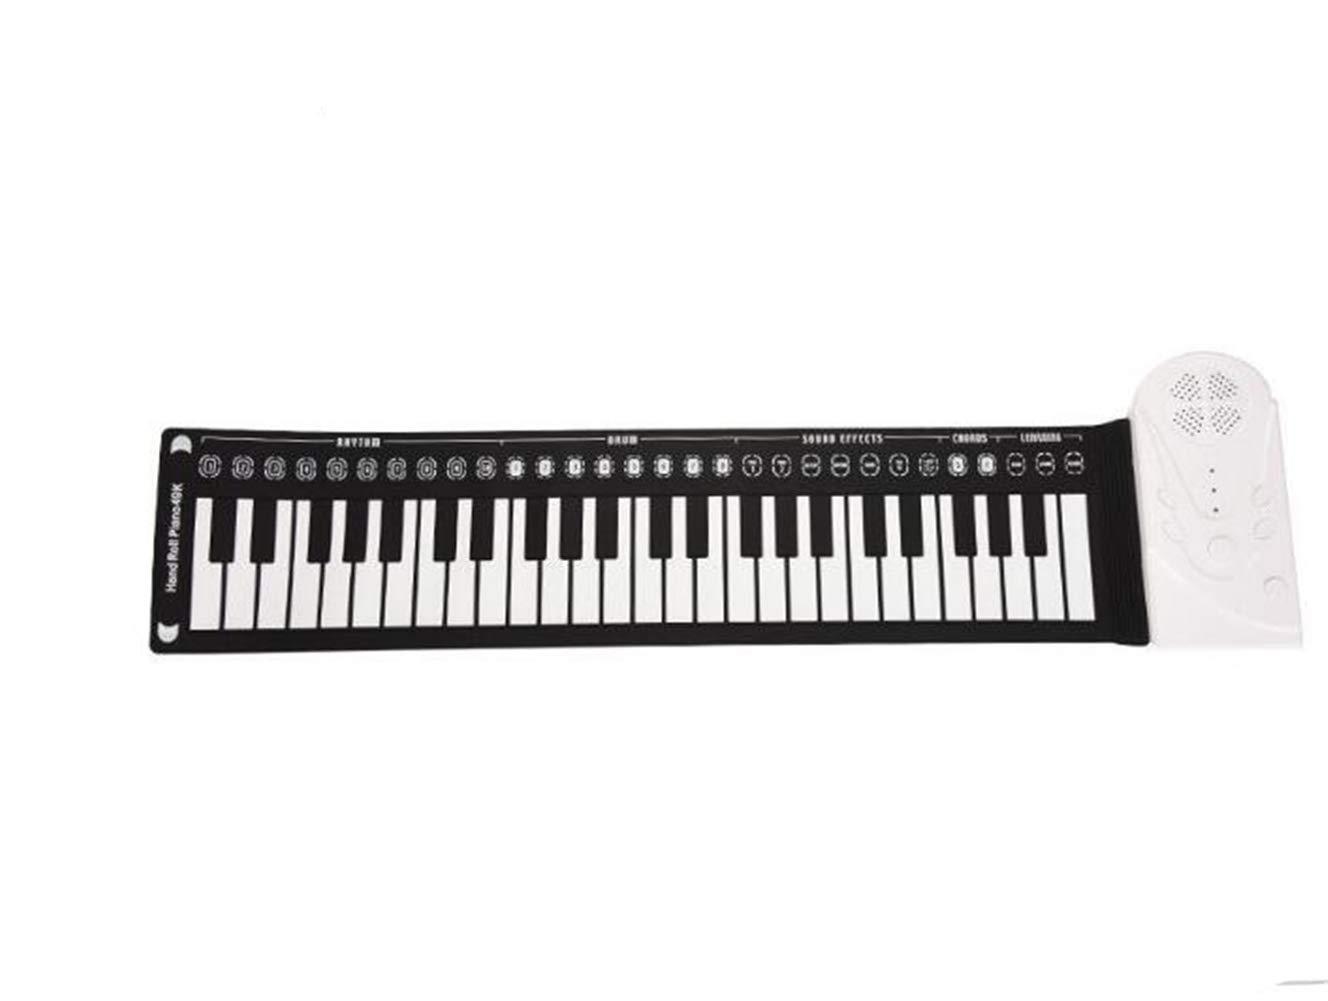 DDPP 49 Tasti con Corno, Mano Roll, Pianoforte, Portatile Pieghevole Organo elettronico può rimboccarsi Pianoforte per Principianti Pratica Pianoforte,bianca